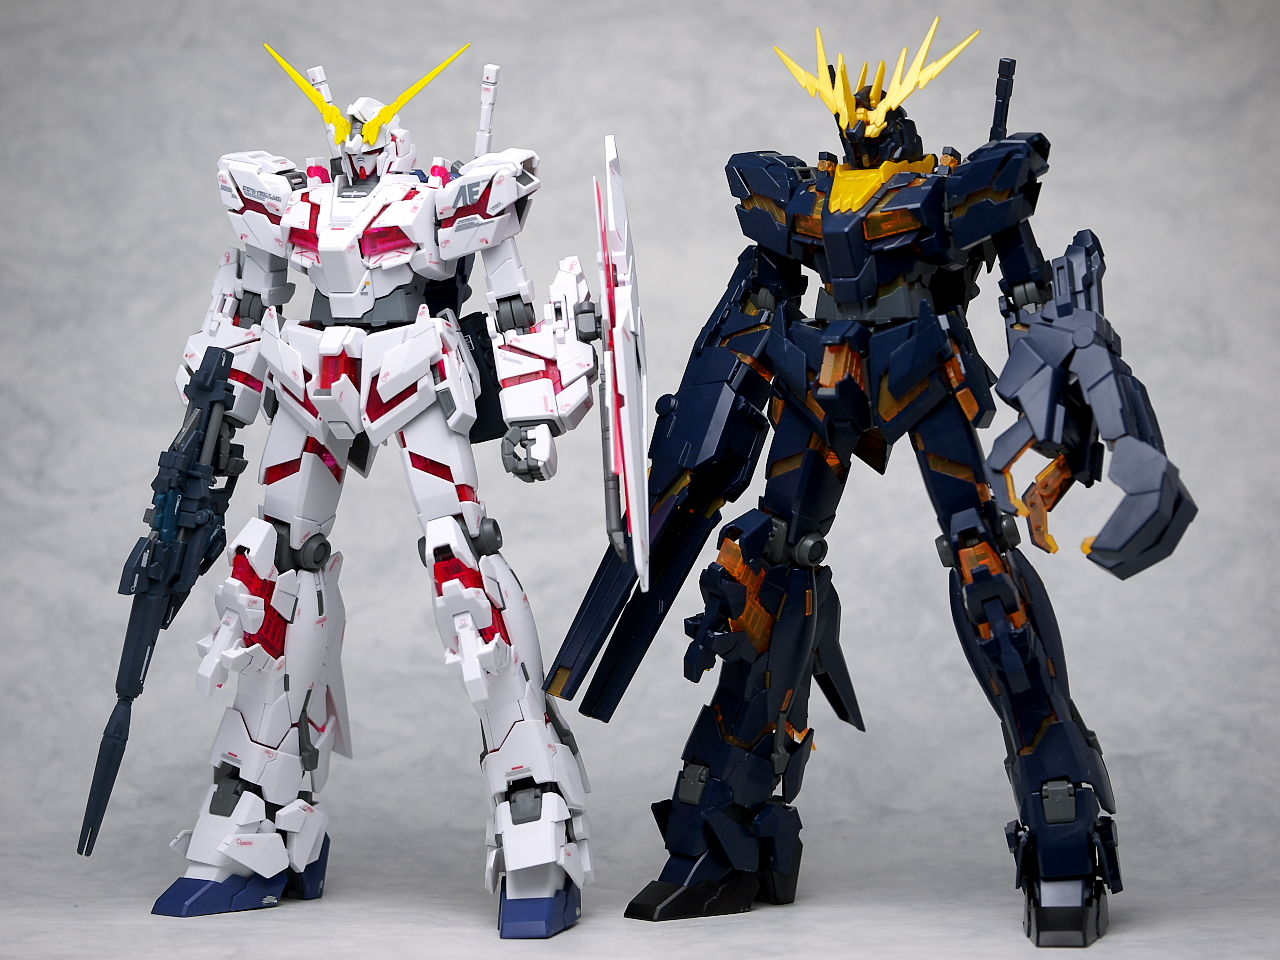 2nd Full Kit Review Mg 1 100 Rx 0 Unicorn Gundam 02 Banshee